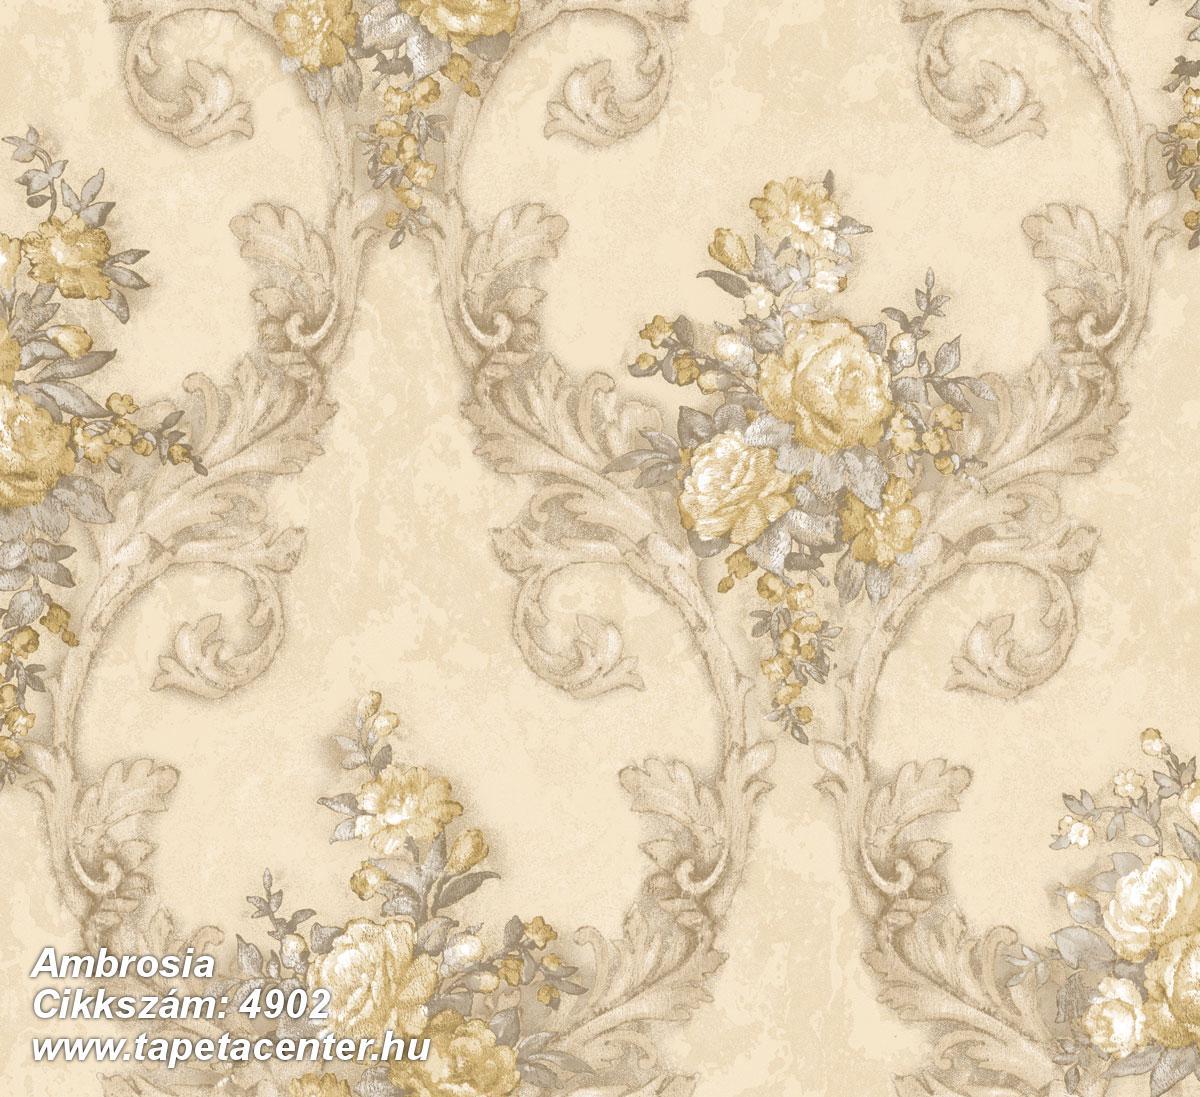 Barokk-klasszikus,természeti mintás,textil hatású,virágmintás,arany,barna,bézs-drapp,fekete,szürke,súrolható,vlies tapéta